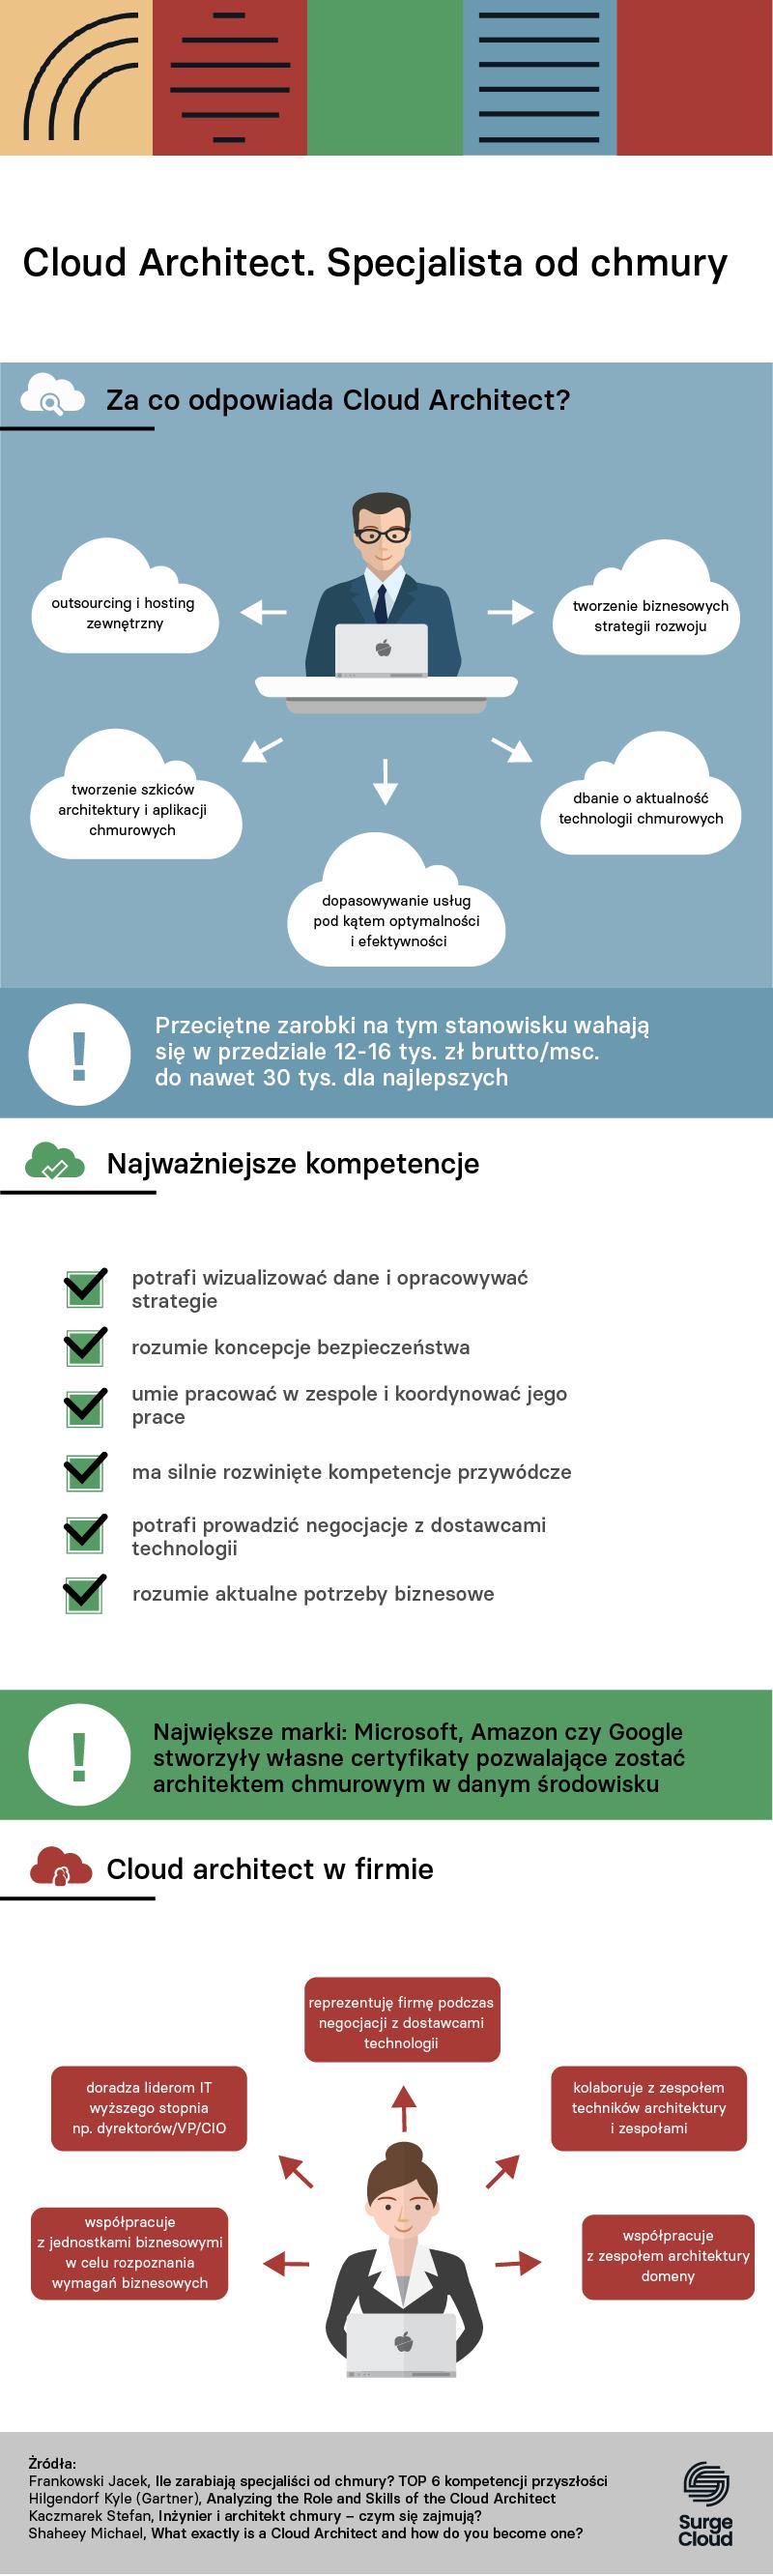 infografika cloudarchitect nowygraczwbranzyit 02042019